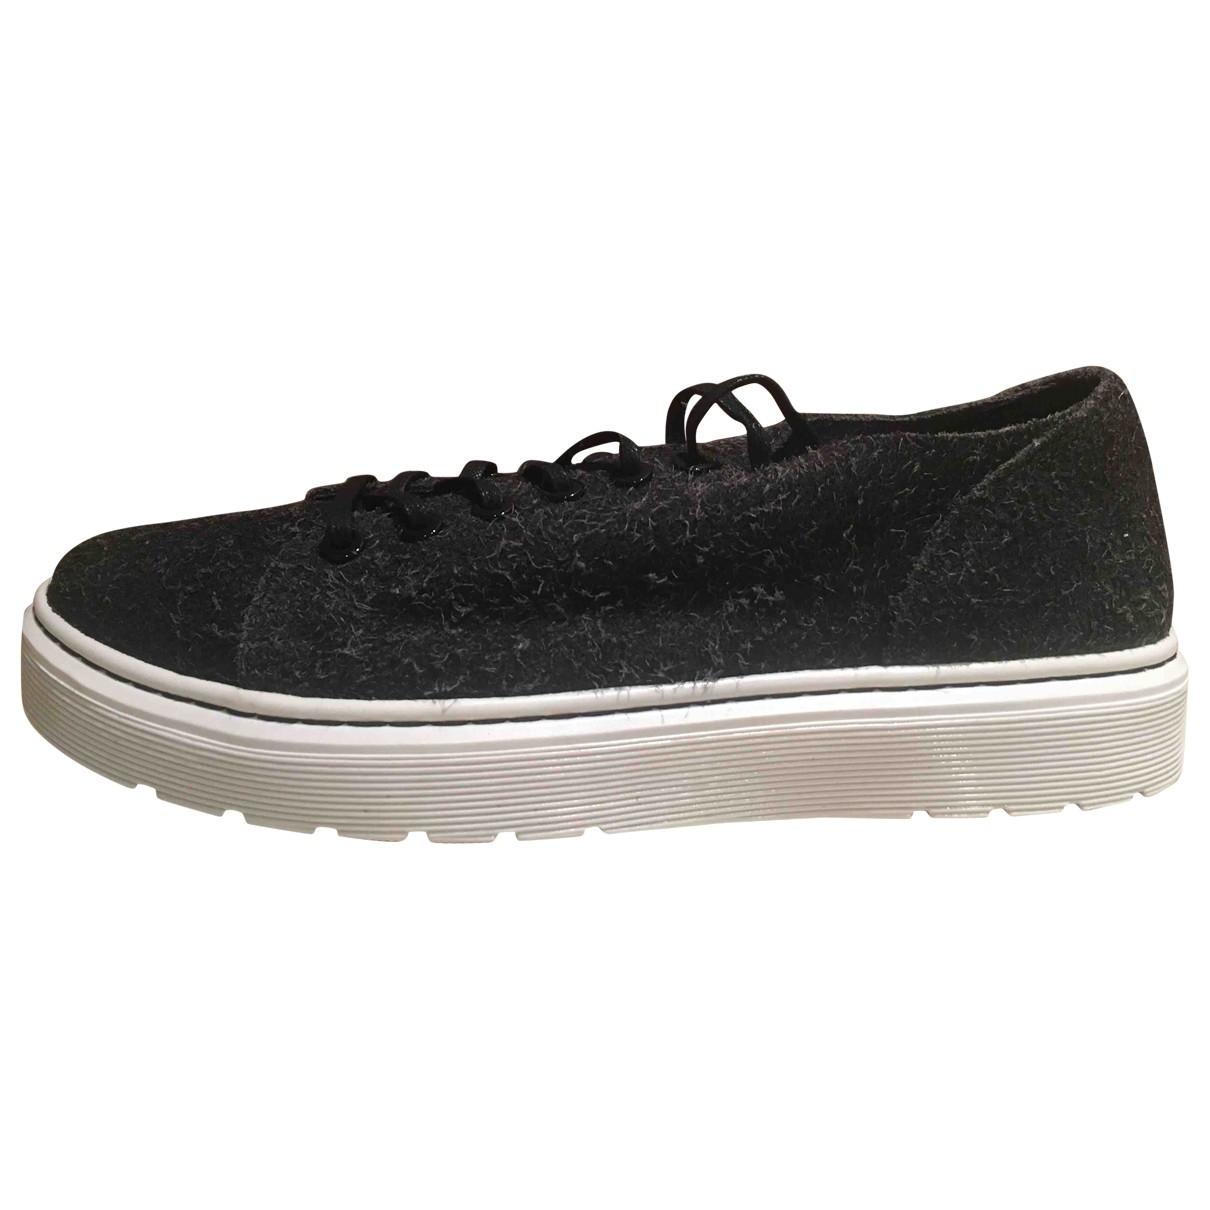 Dr. Martens \N Sneakers in  Anthrazit Leder